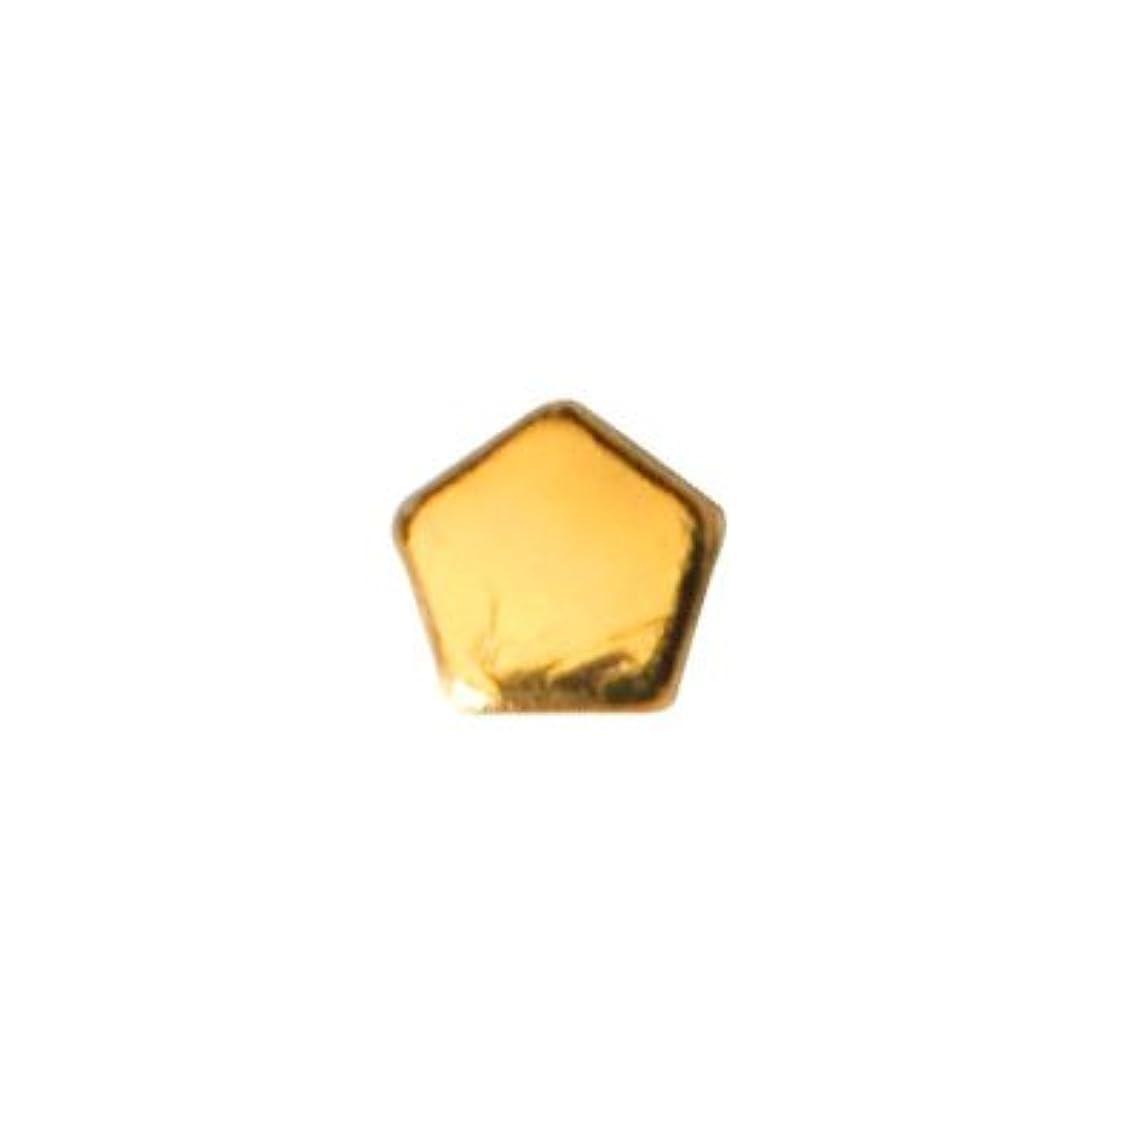 書道羨望徹底的にピアドラ スタッズ ペンタゴン 2mm 50P ゴールド